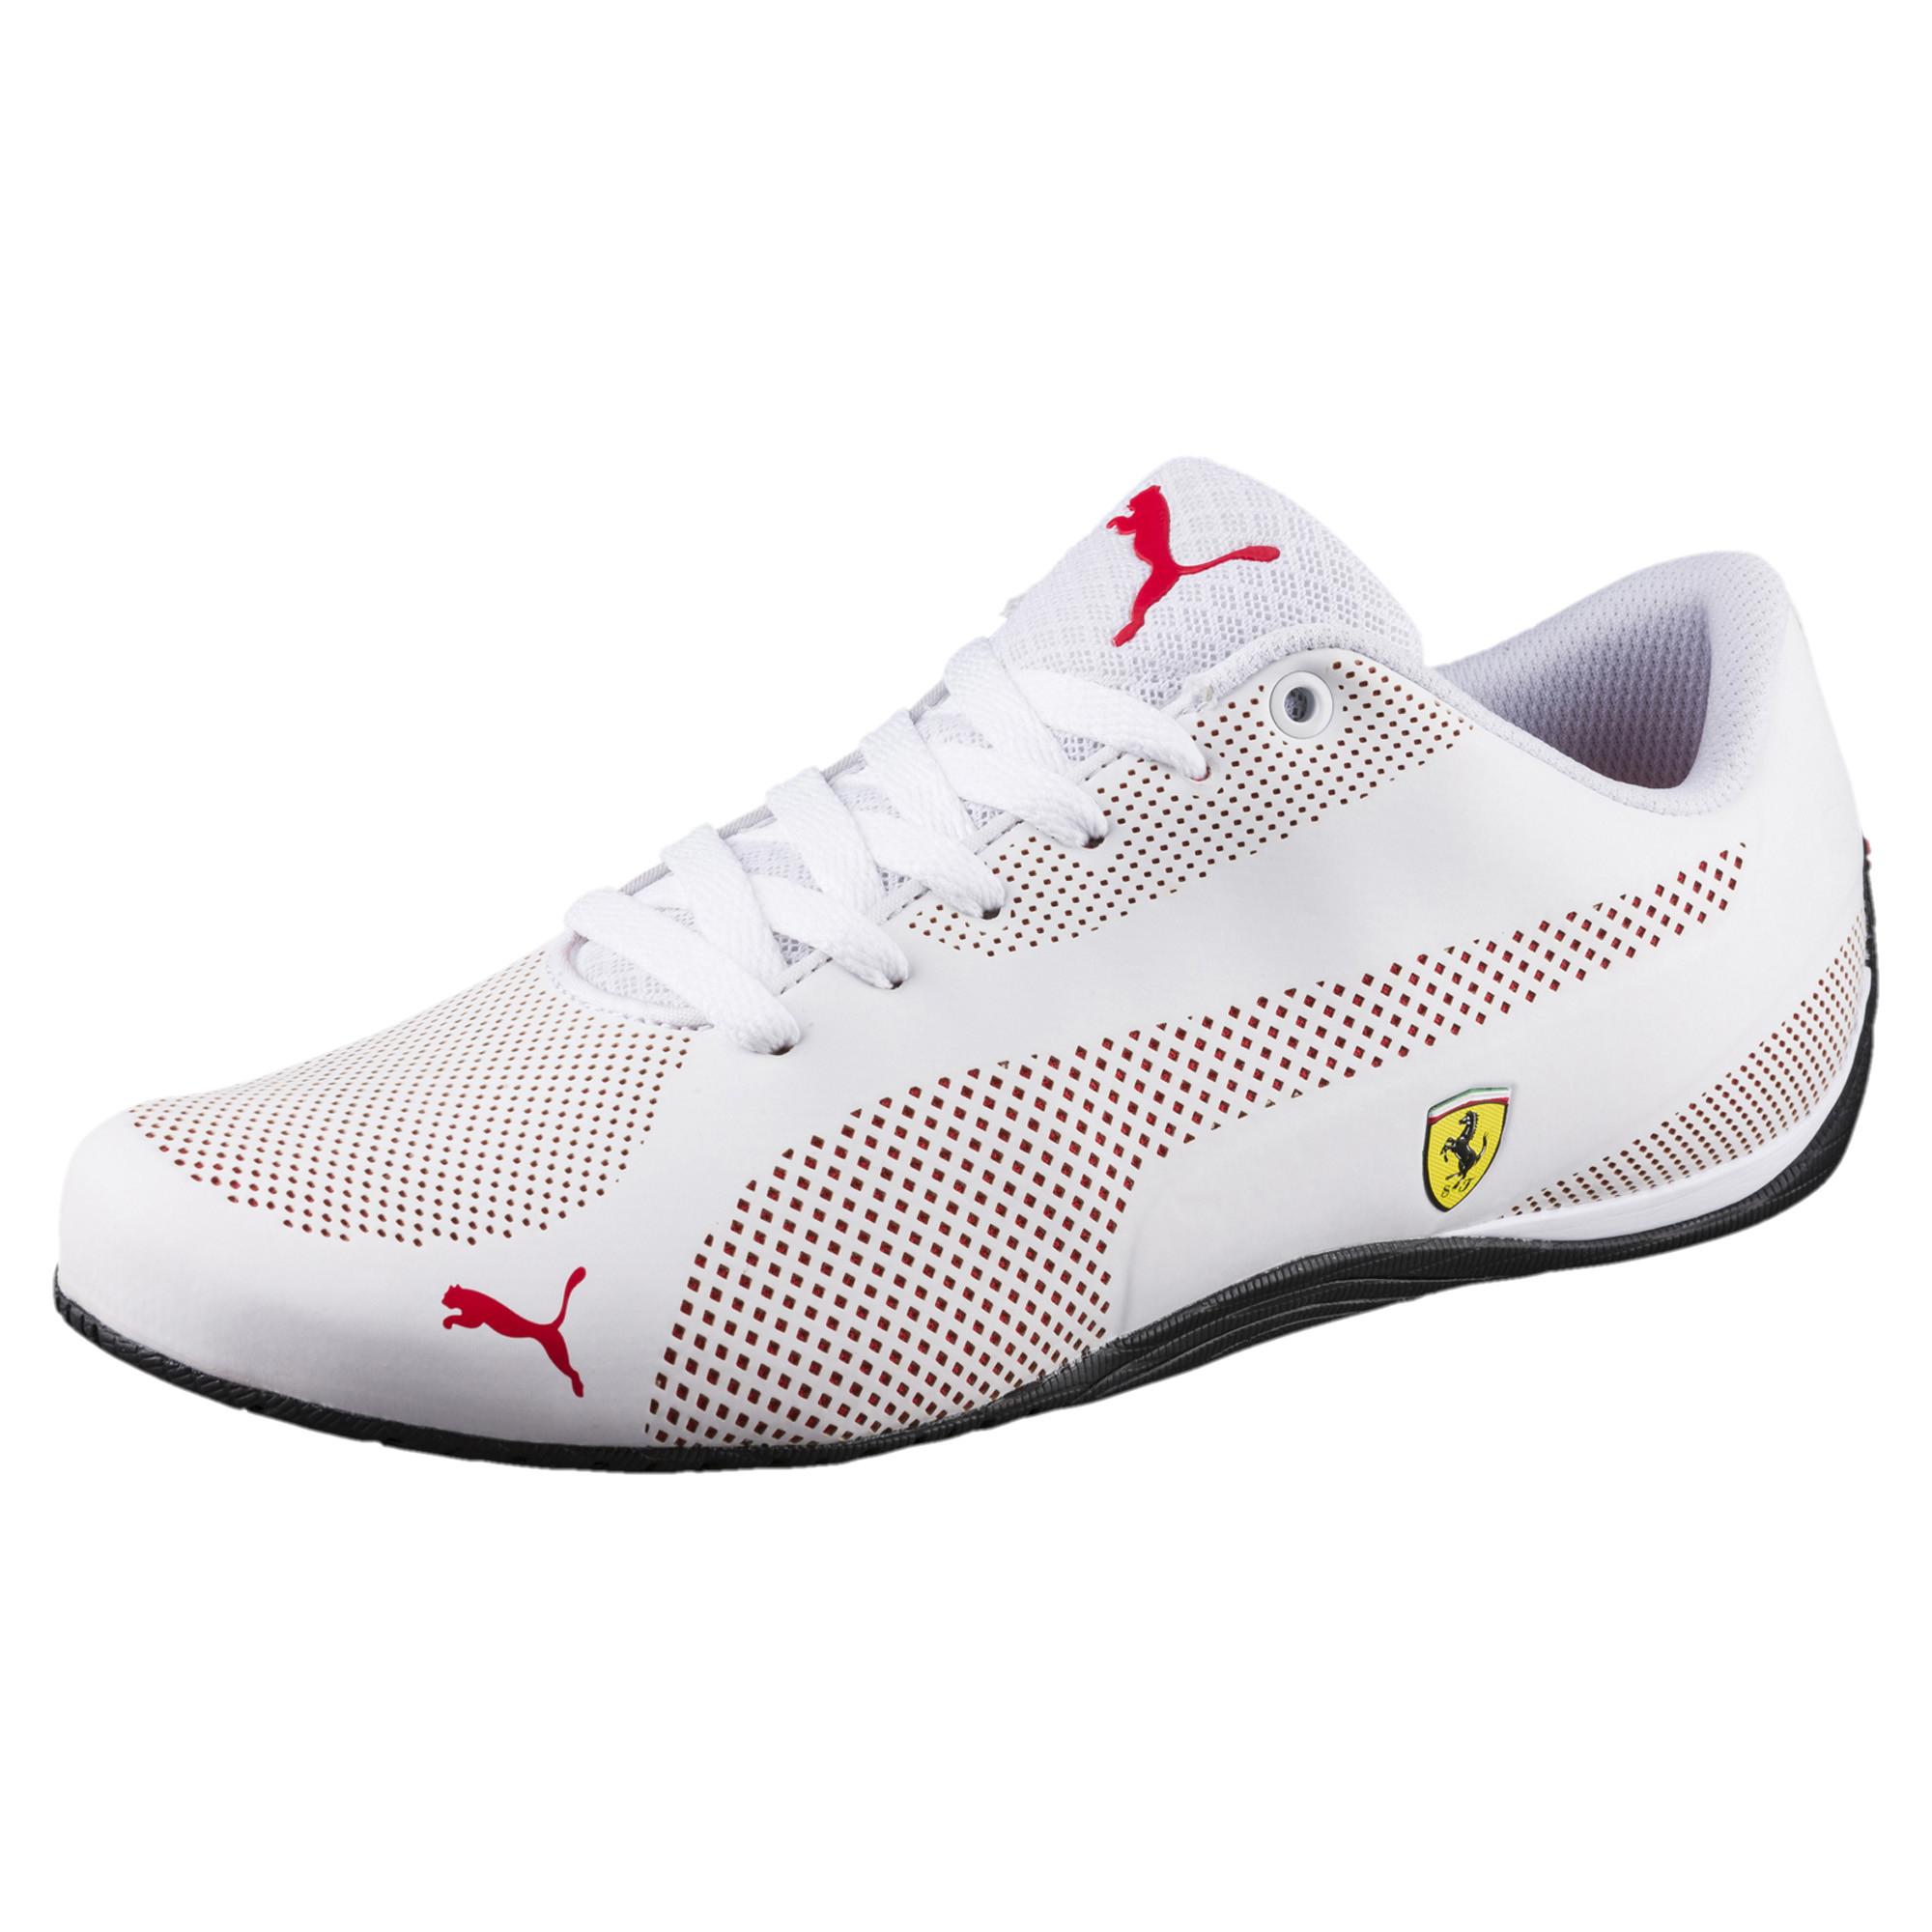 PUMA Ferrari Drift Cat 5 Ultra Sneaker Unisex Schuhe Neu